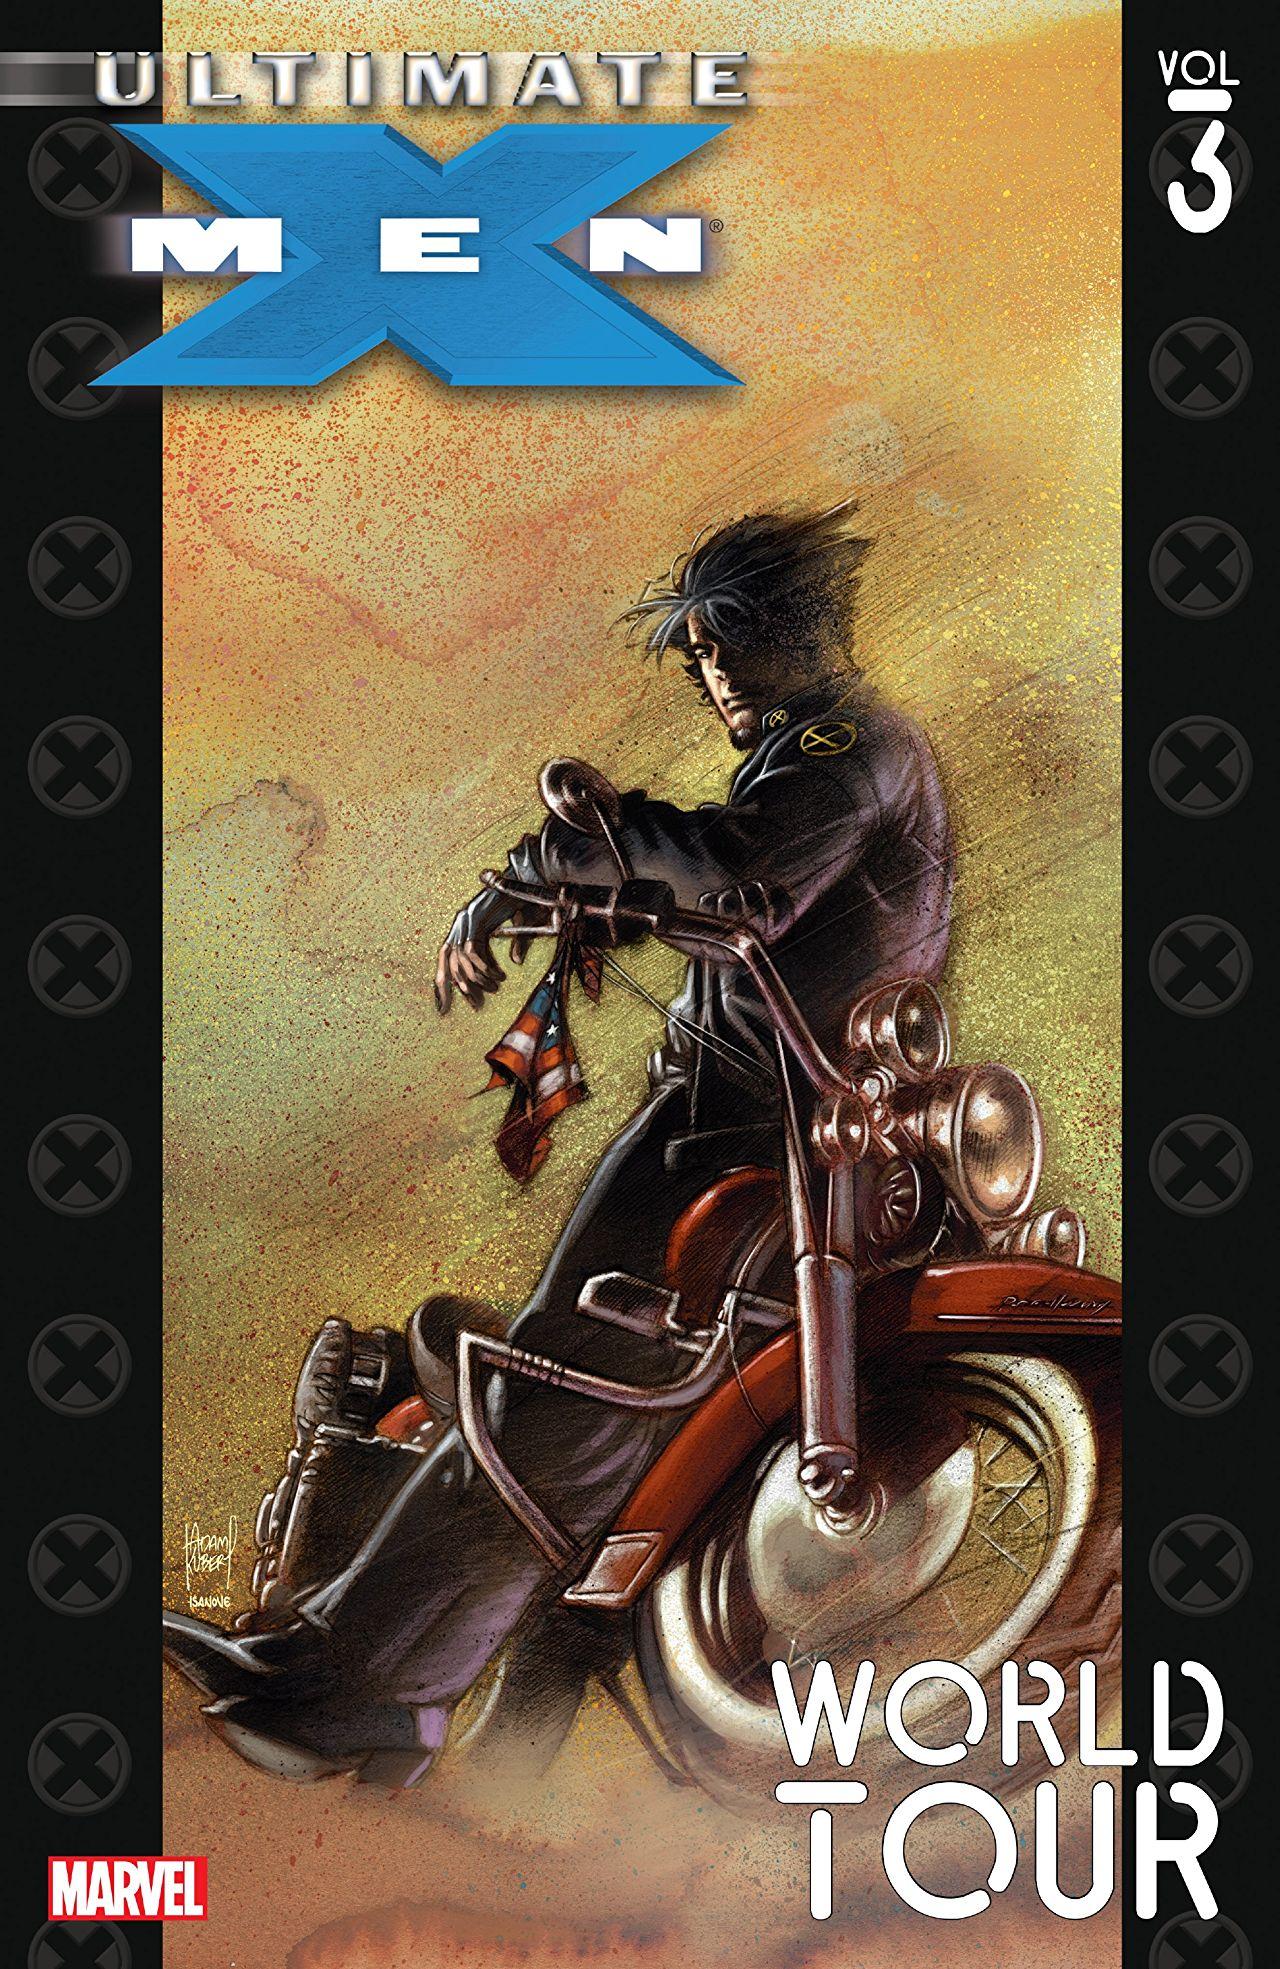 Ultimate X-Men, Vol. 3: World Tour